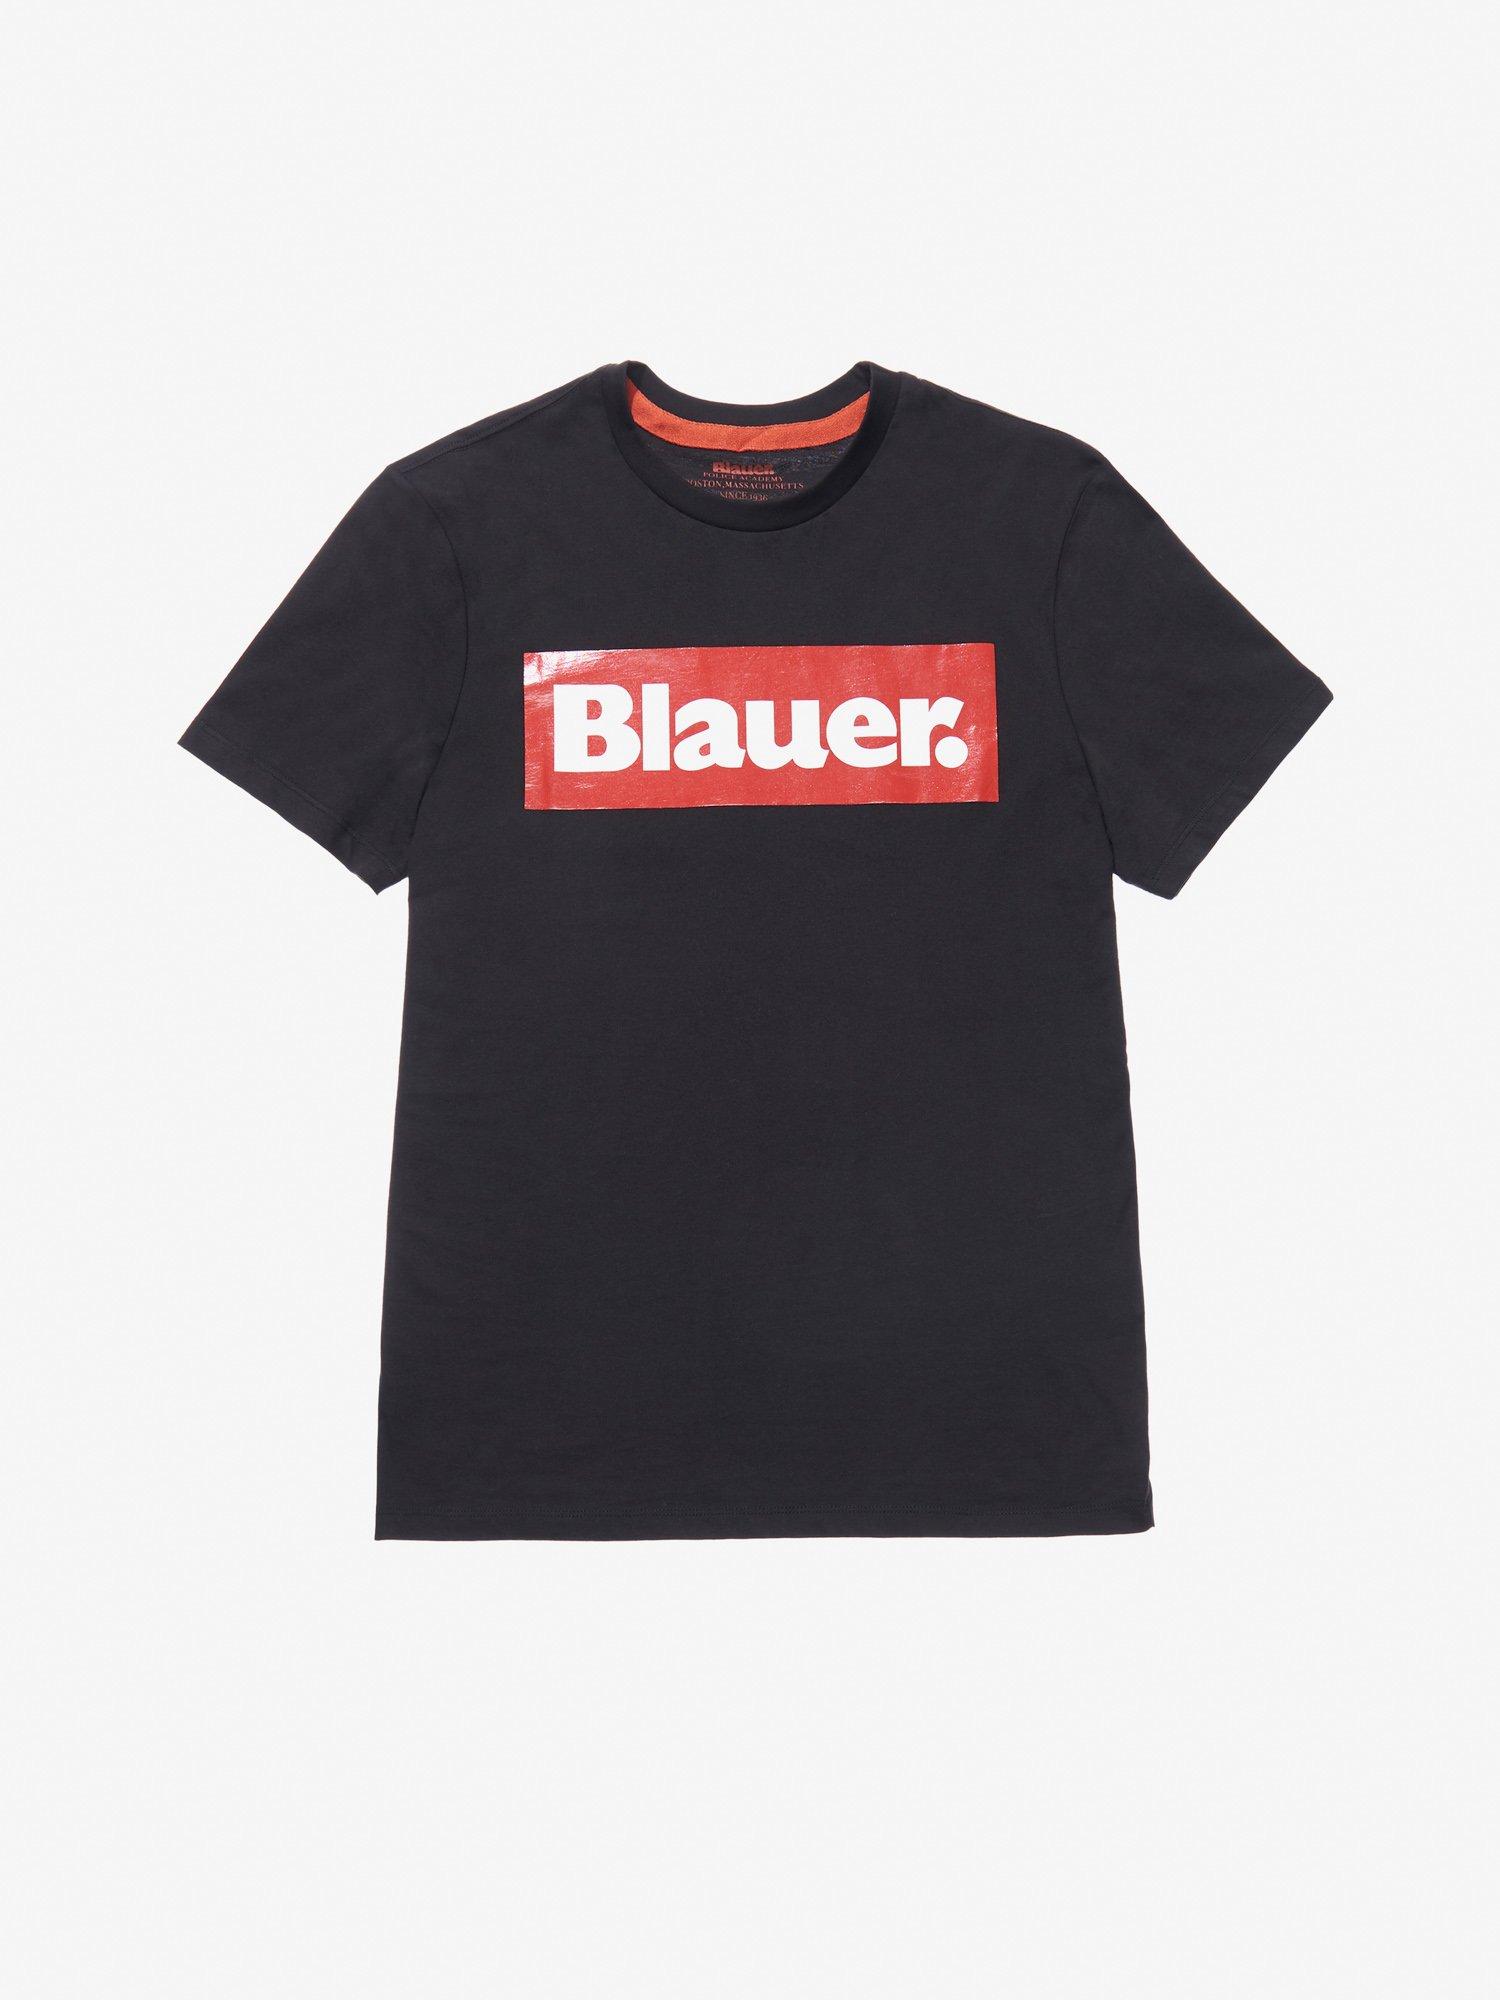 ФУТБОЛКА С ПРЯМОУГОЛЬНЫМ ПРИНТОМ BLAUER - Blauer